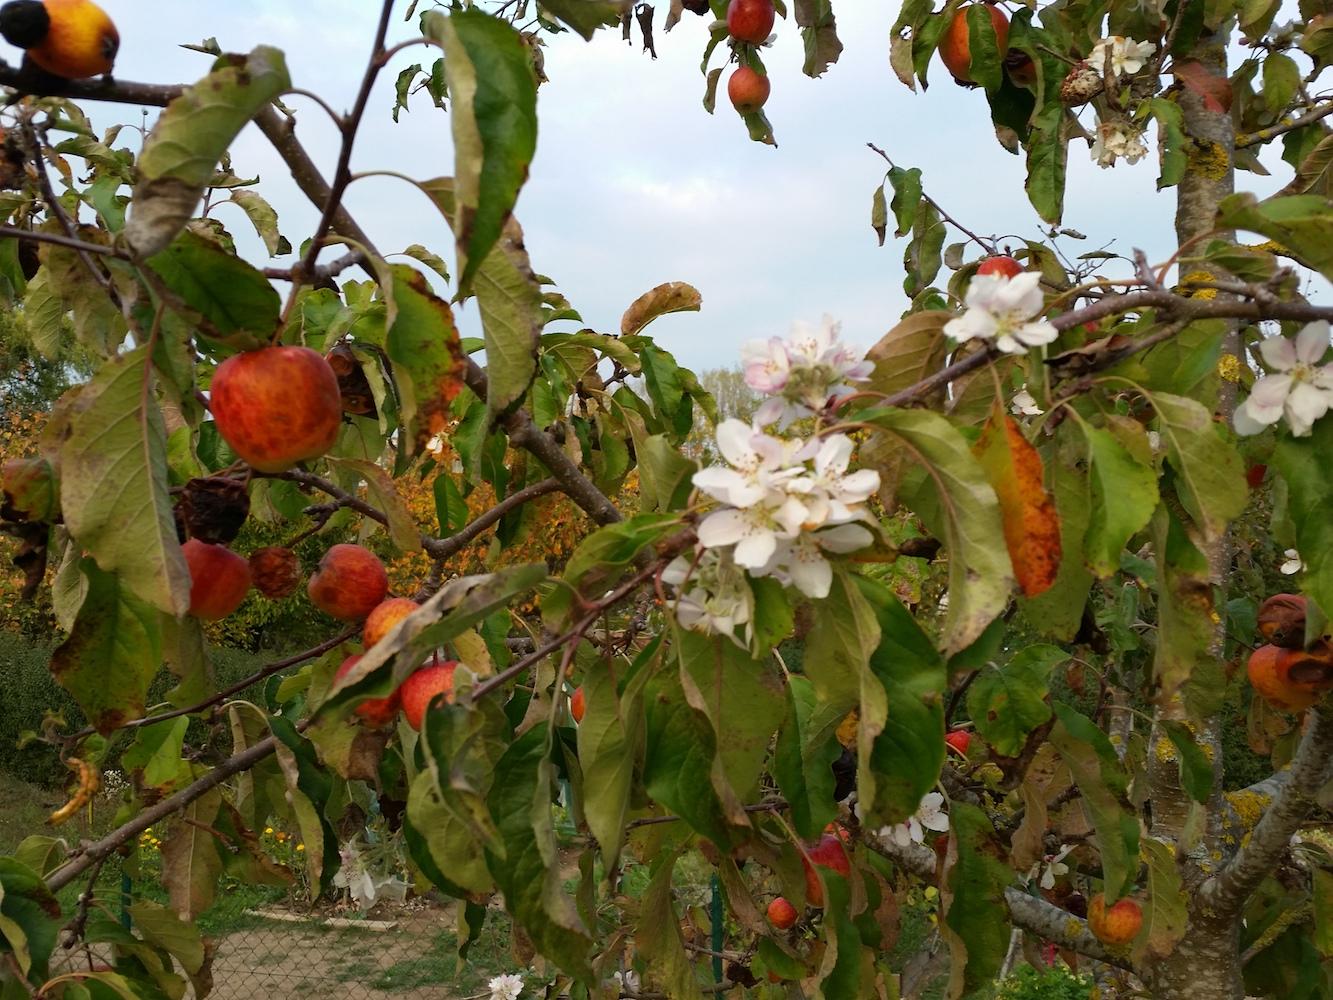 Früchte tragender Apfelbaum in voller Blüte, 19.10.2018